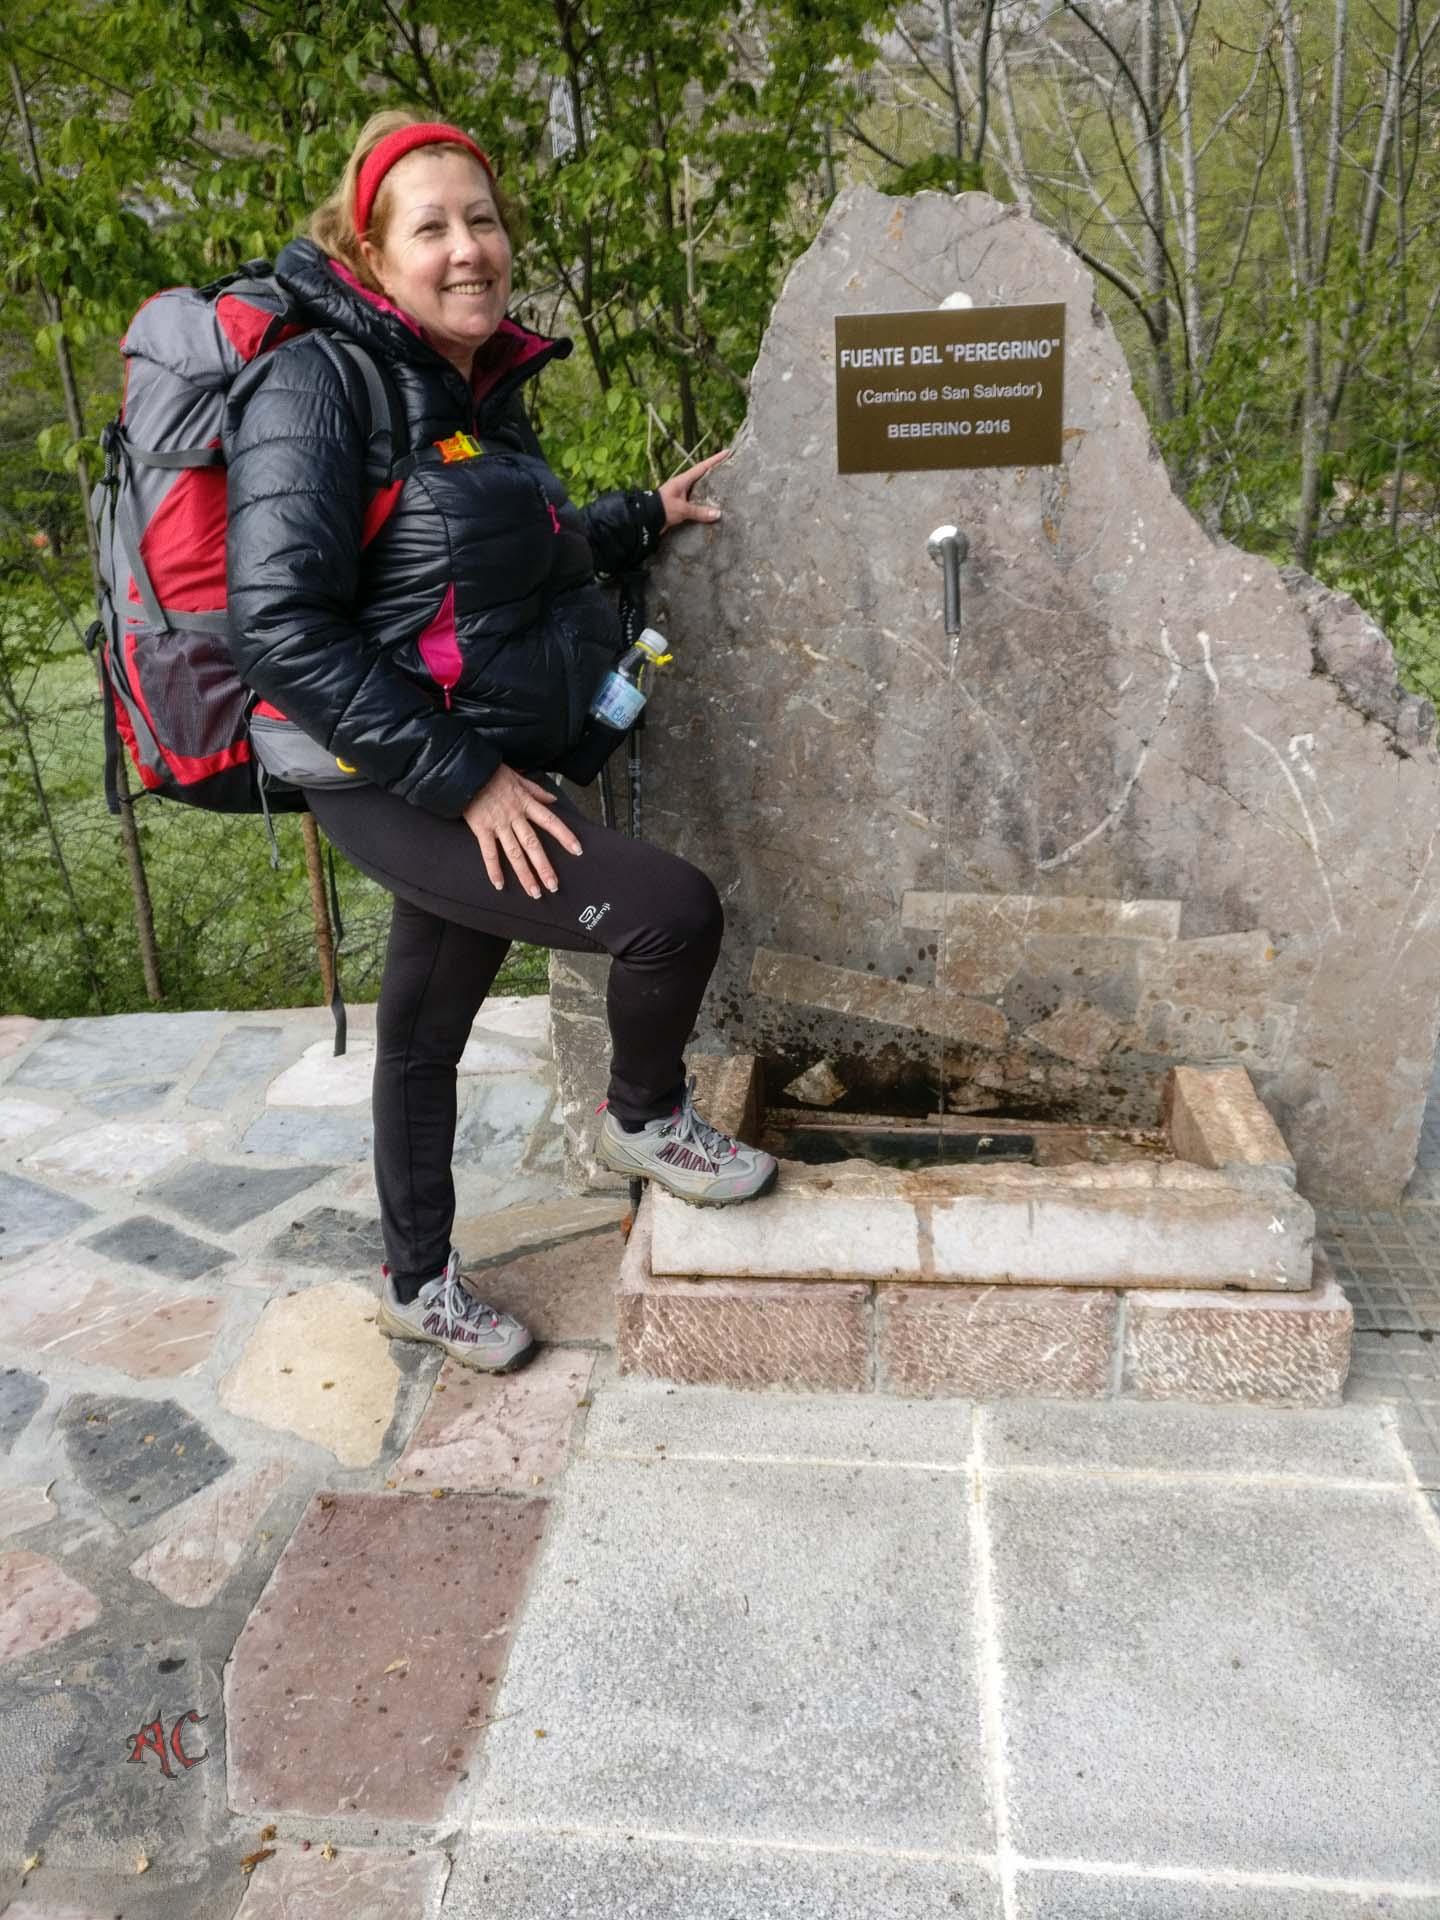 Mayka en una Fuente para peregrinos